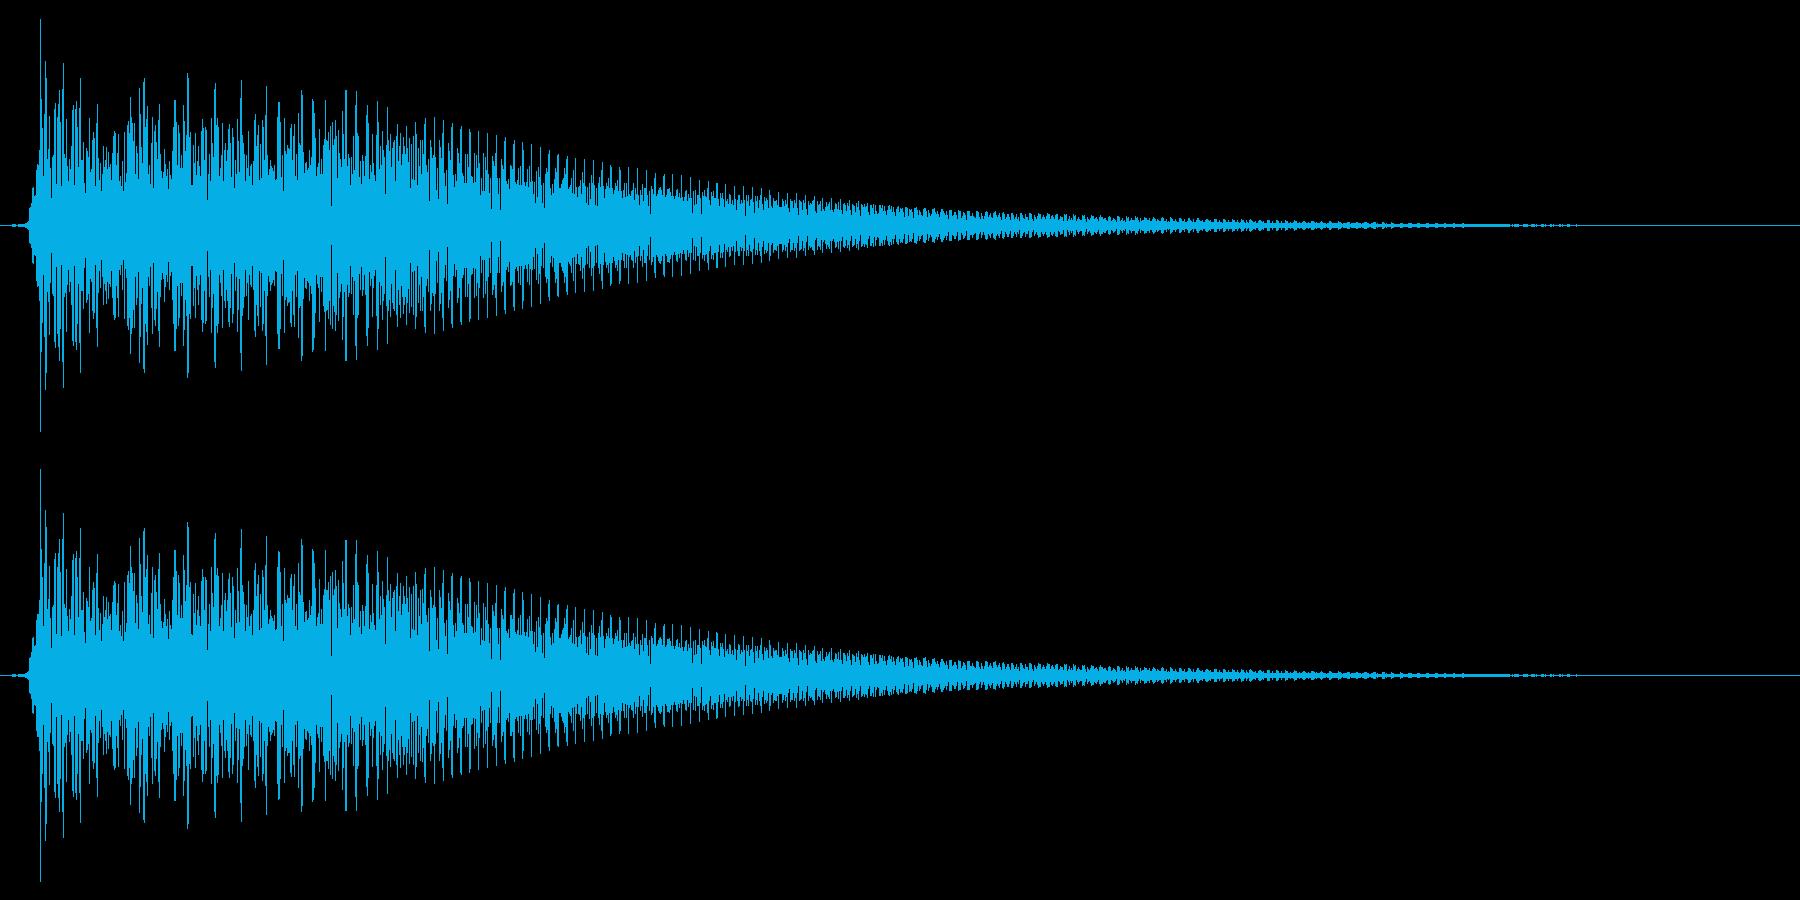 キュイン/シンセサイザー/SF系の再生済みの波形